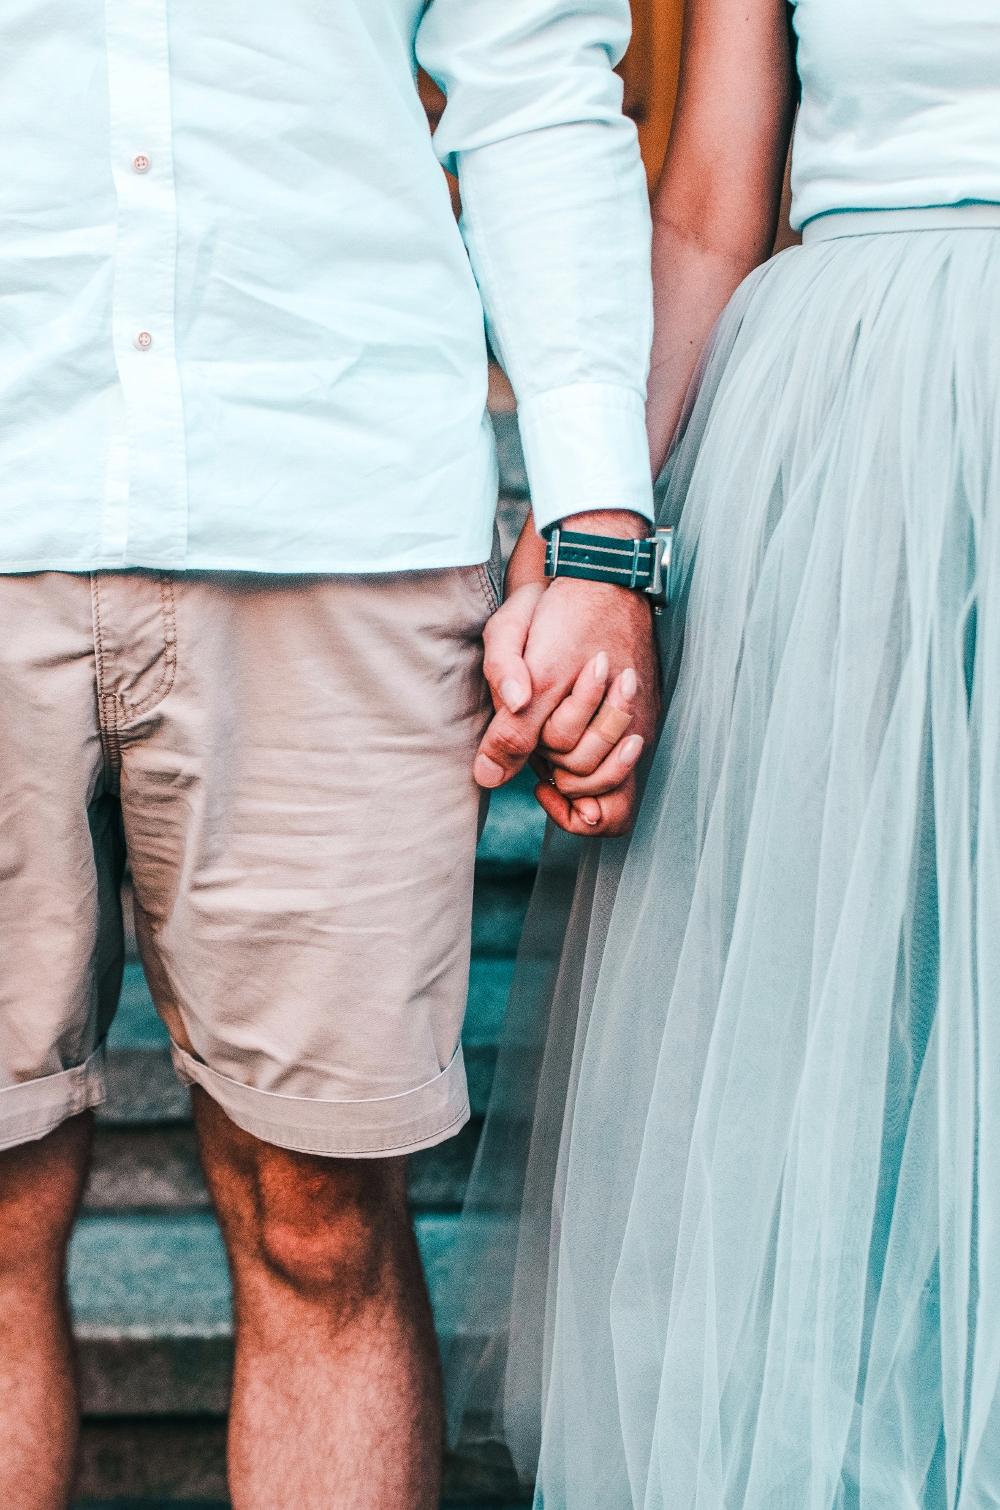 Τα «μυστικά» της σχέσης σου που πρέπει να κρατάς κρυφά ακόμα και από τους φίλους σου